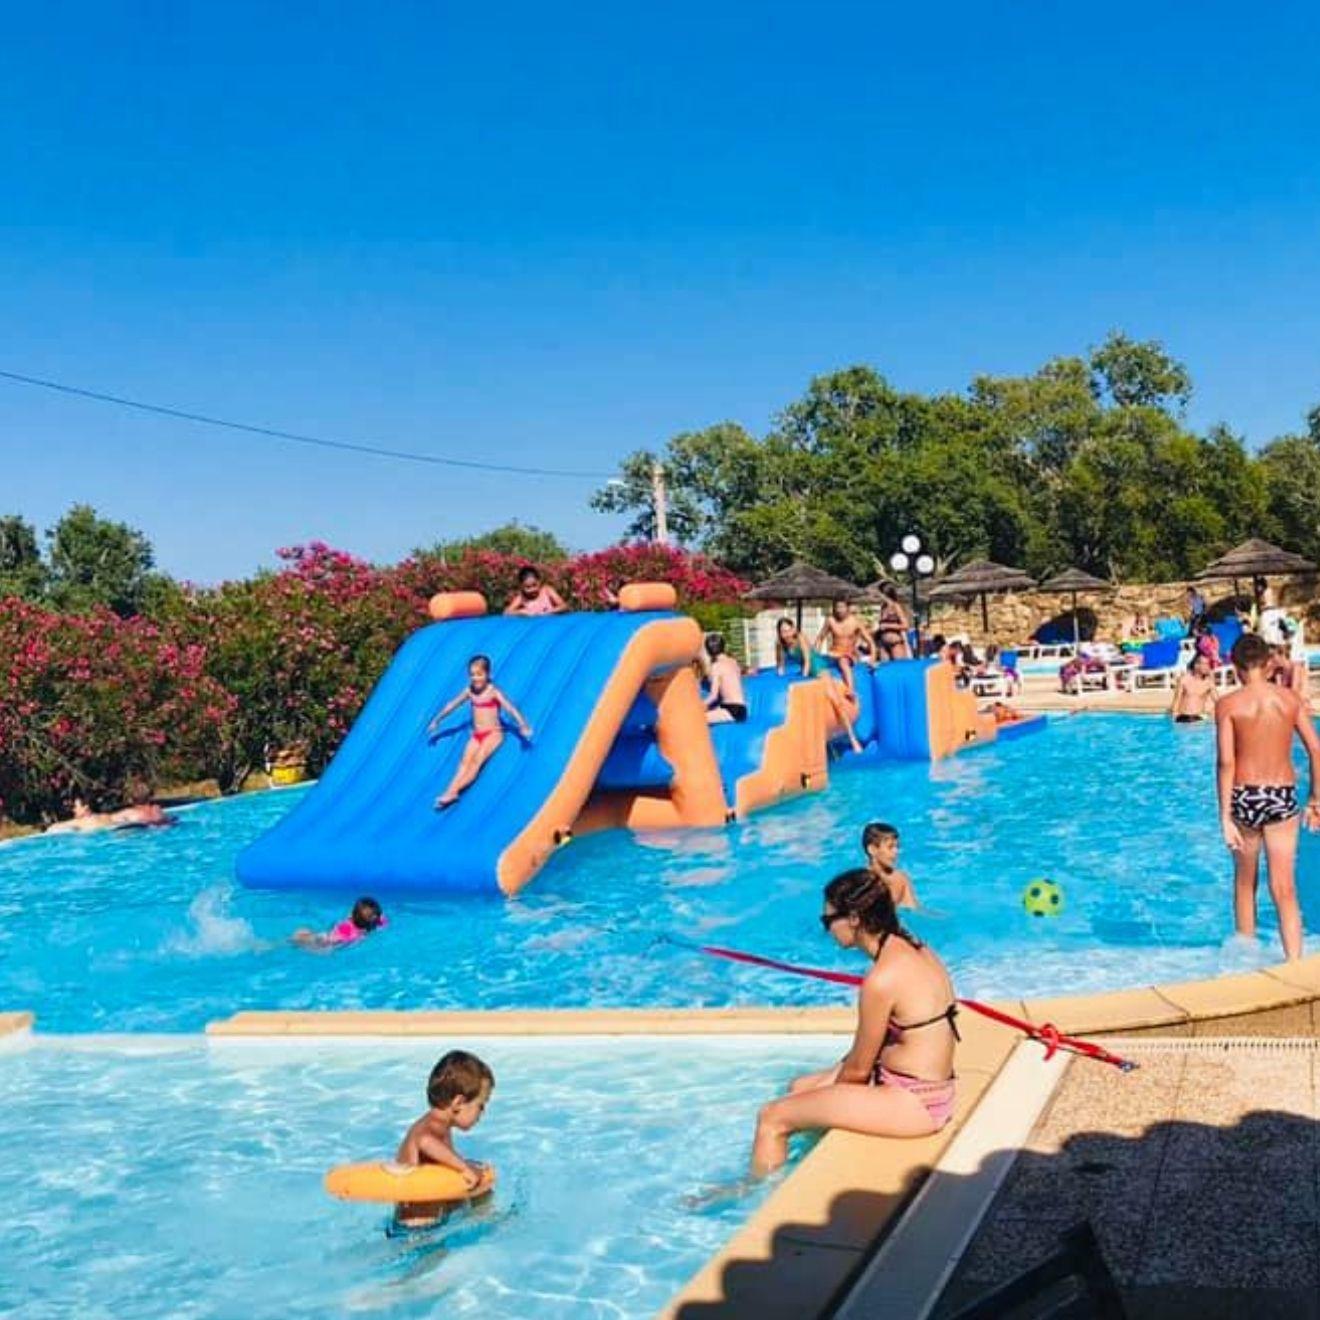 location camping palombaggia u pirellu jeux d'eau